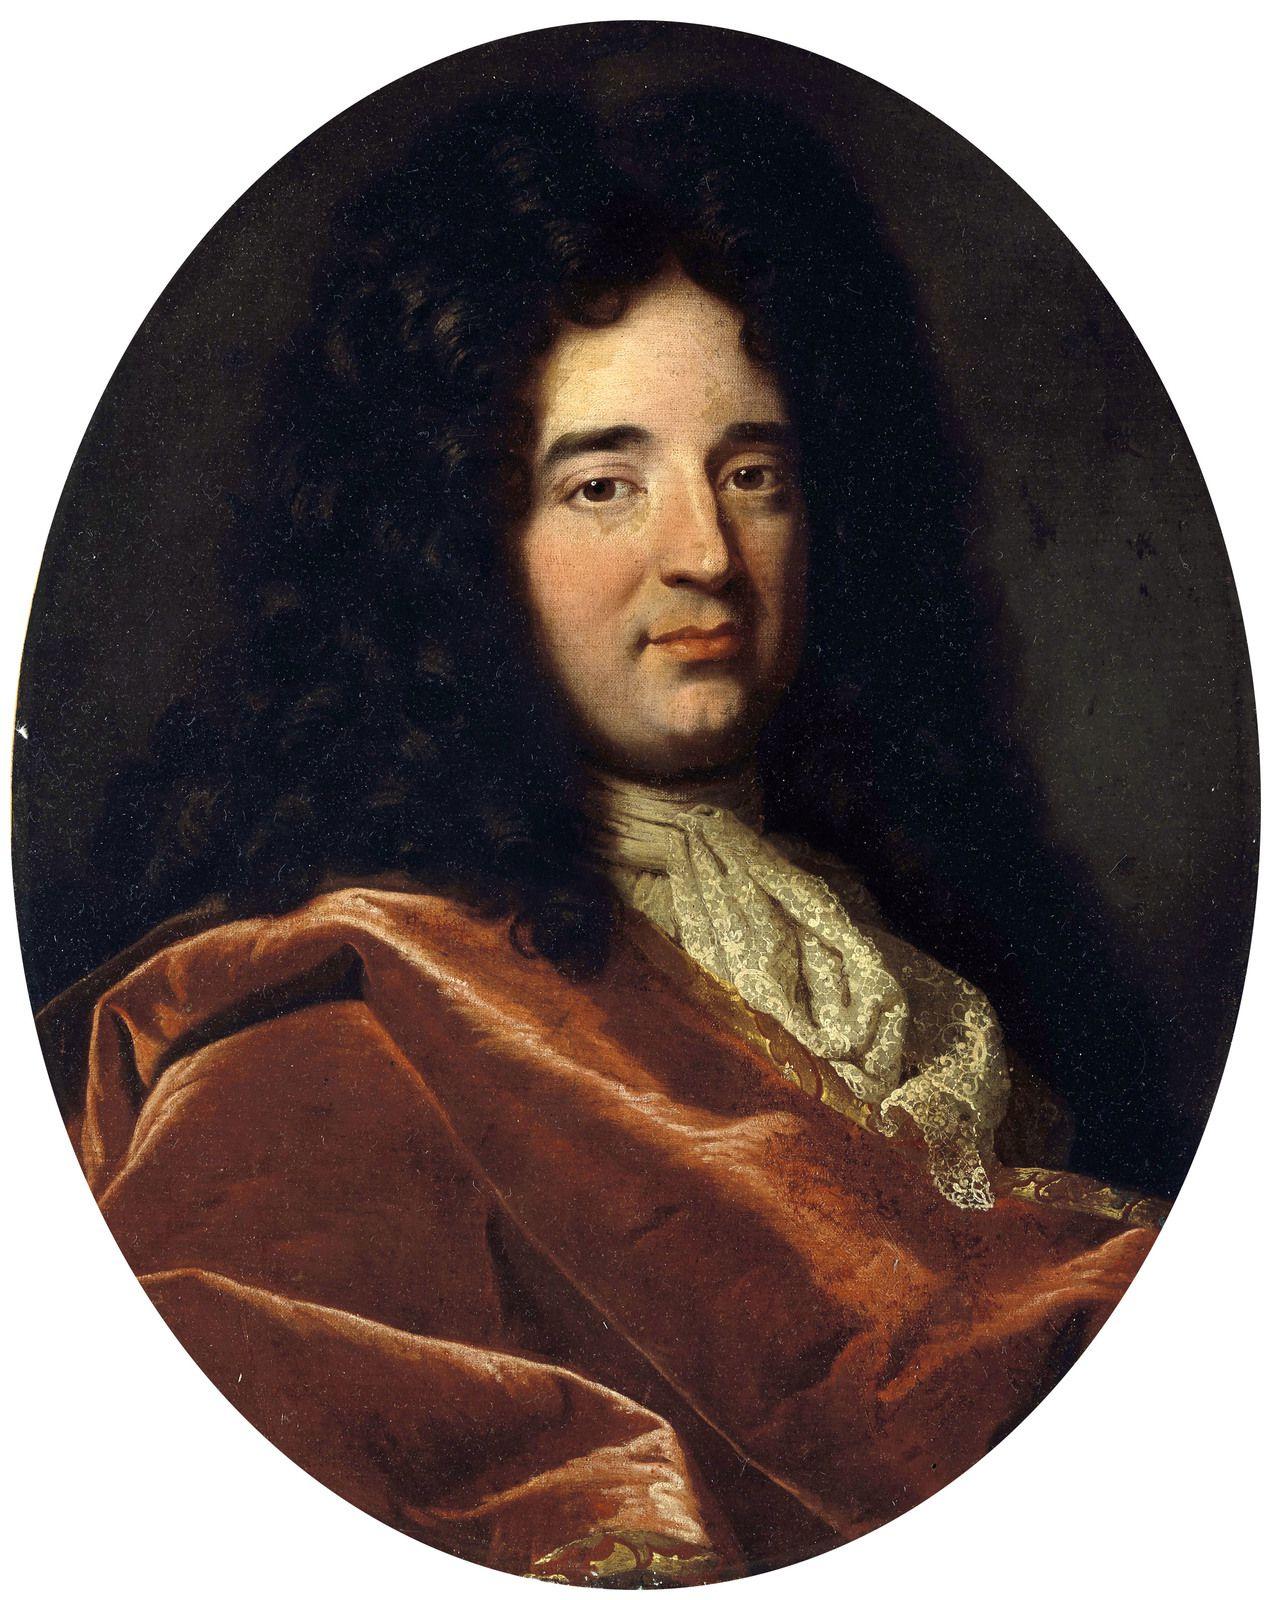 Gaspard Rigaud, portrait d'homme, 1695, collection particulière © Christie's LTD